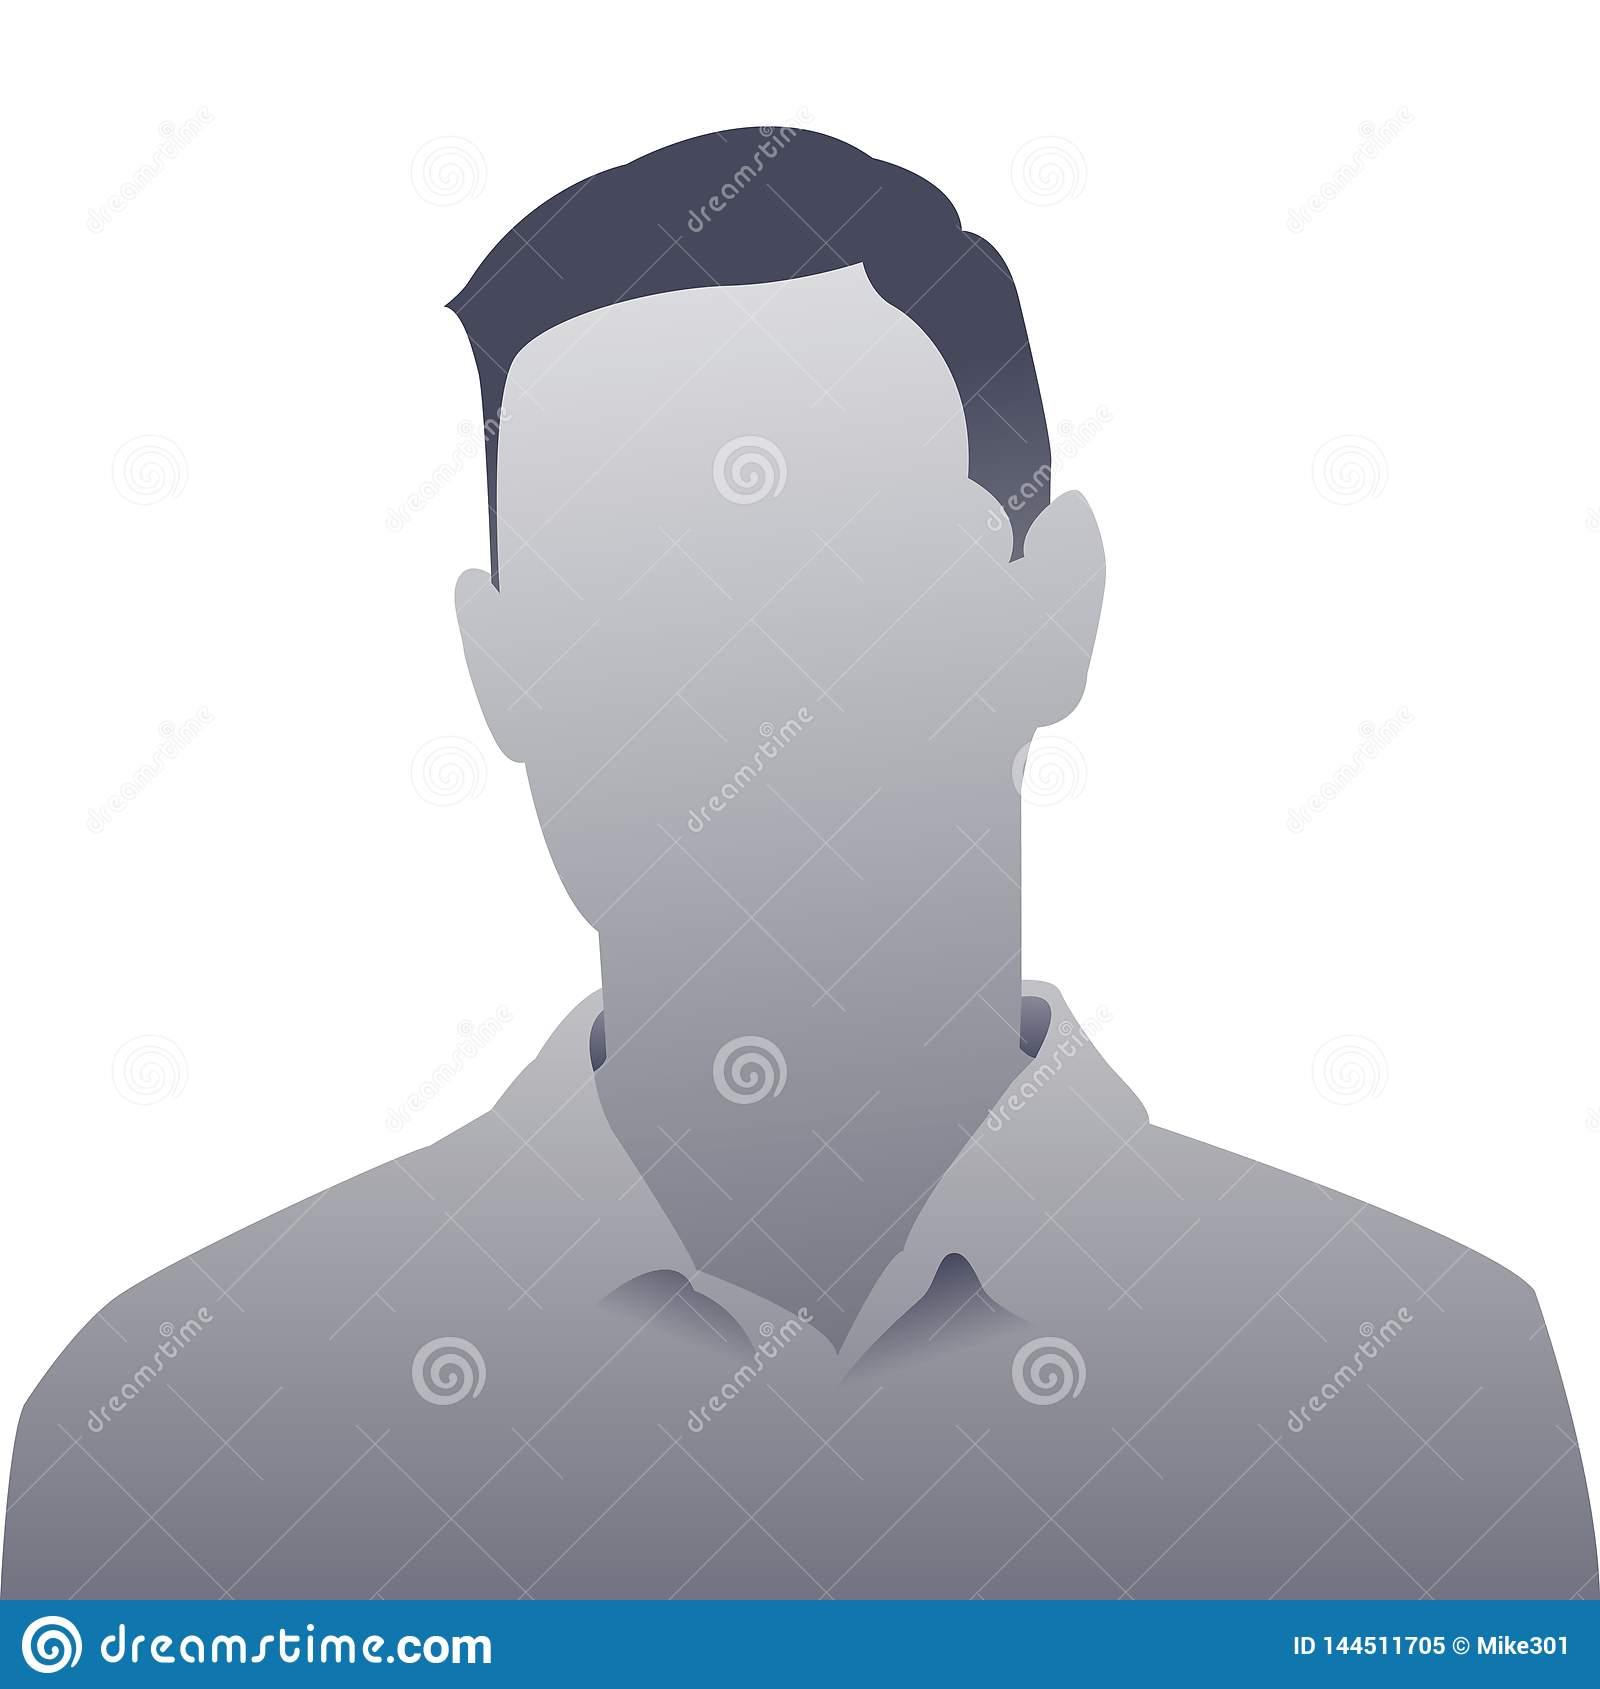 uomo-grigio-del-segnaposto-della-foto-persona-generica-siluetta-grigia-dell-su-un-fondo-bianco-144511705